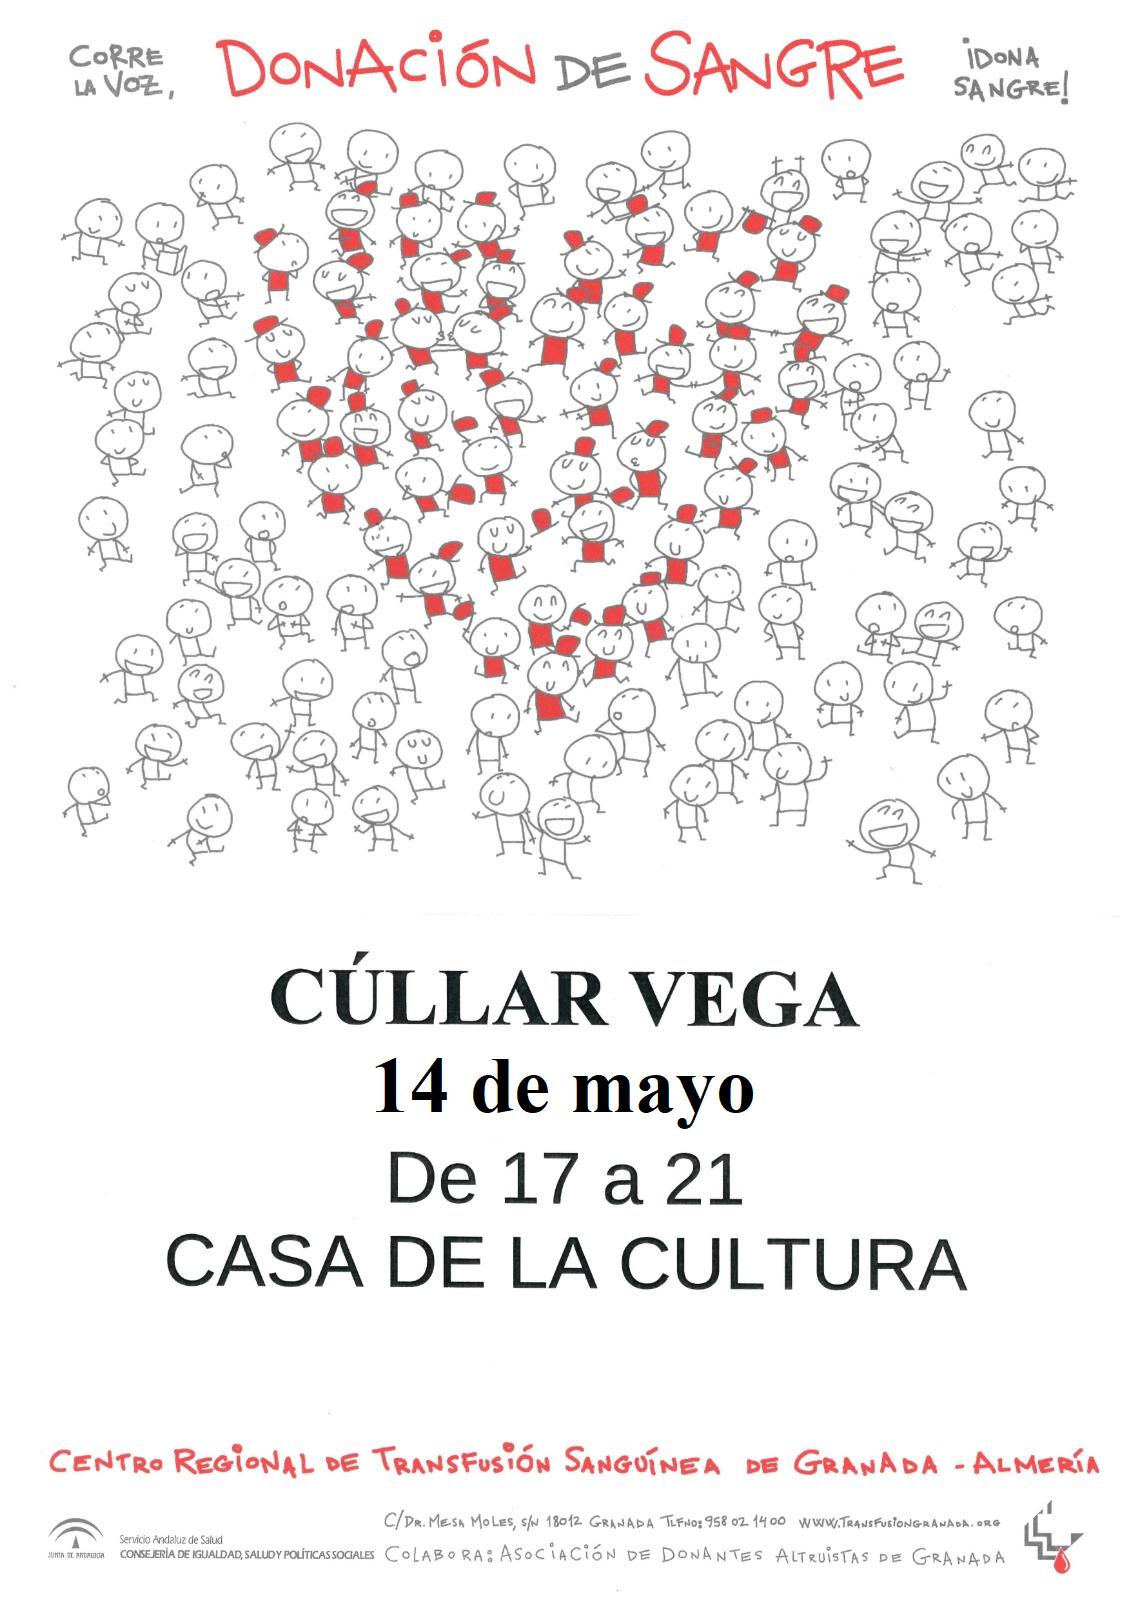 14 de Mayo: Donación de Sangre